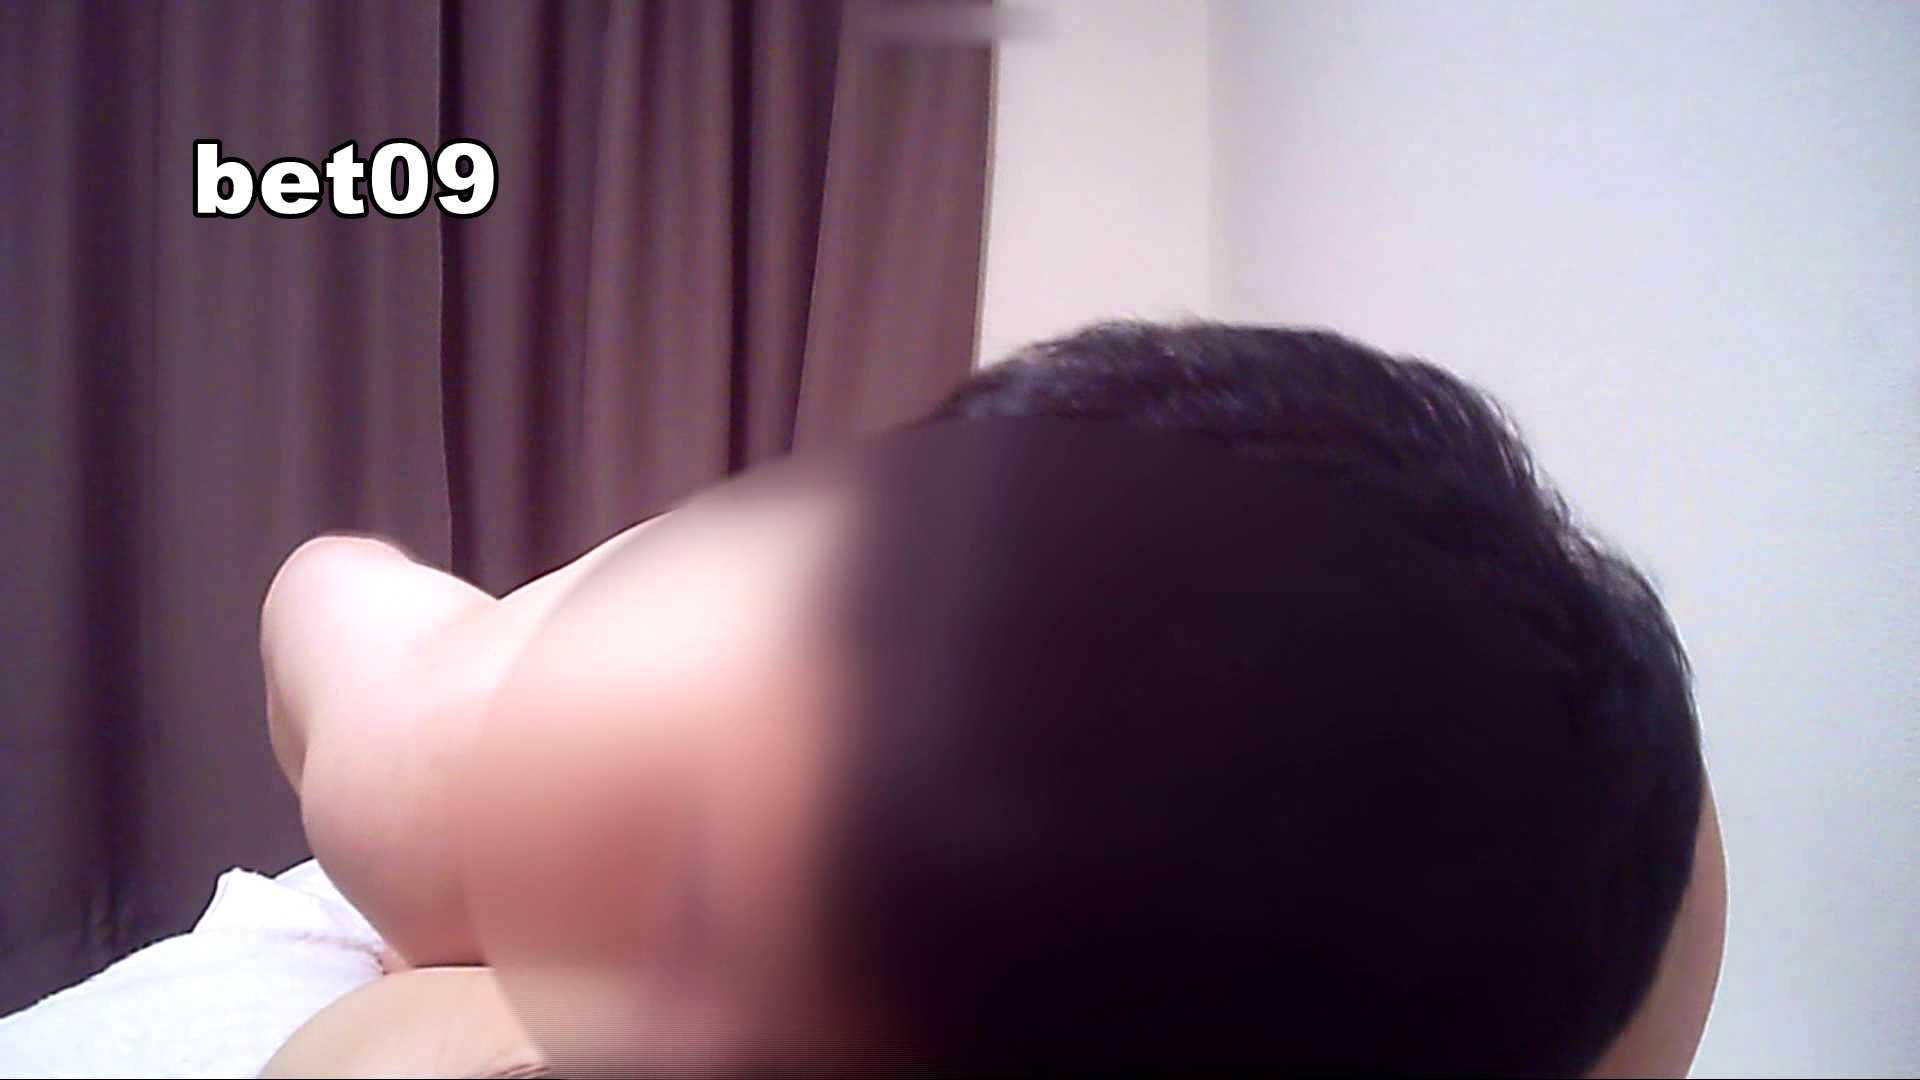 ミキ・大手旅行代理店勤務(24歳・仮名) vol.09 ミキの顔が紅潮してきます フェラ  55連発 10